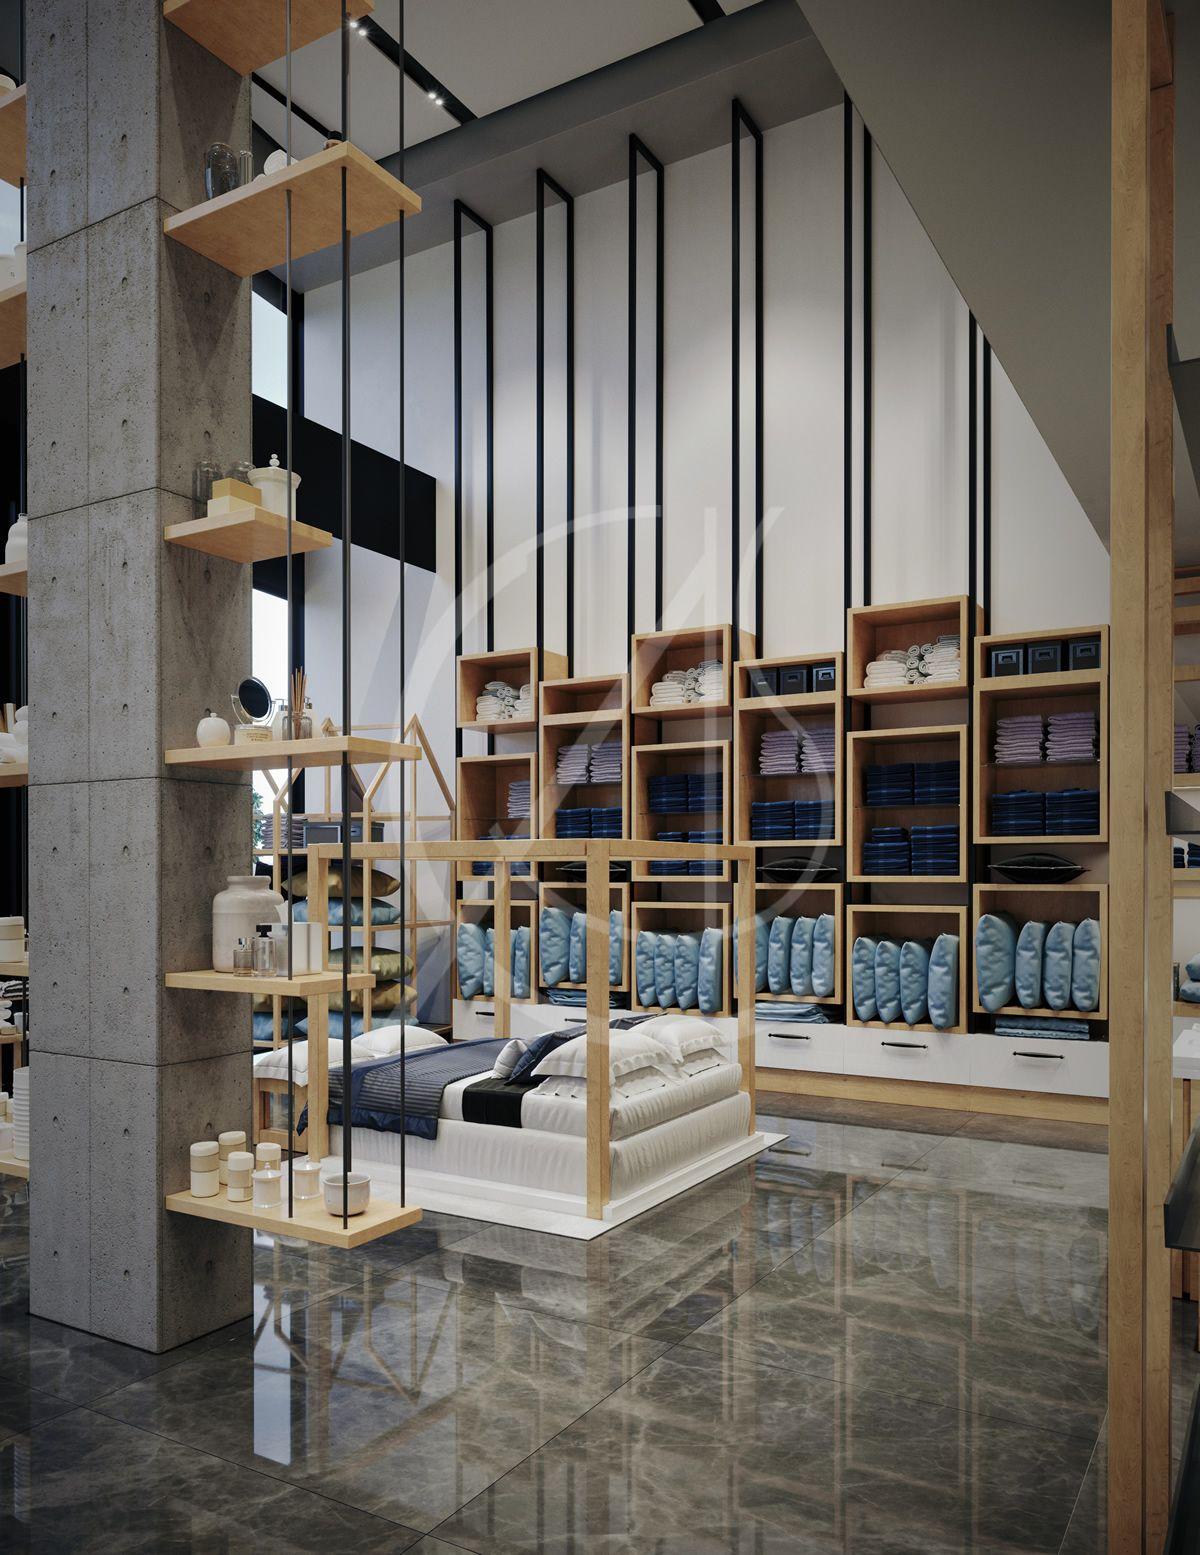 bedding store interior design - retail design in saudi